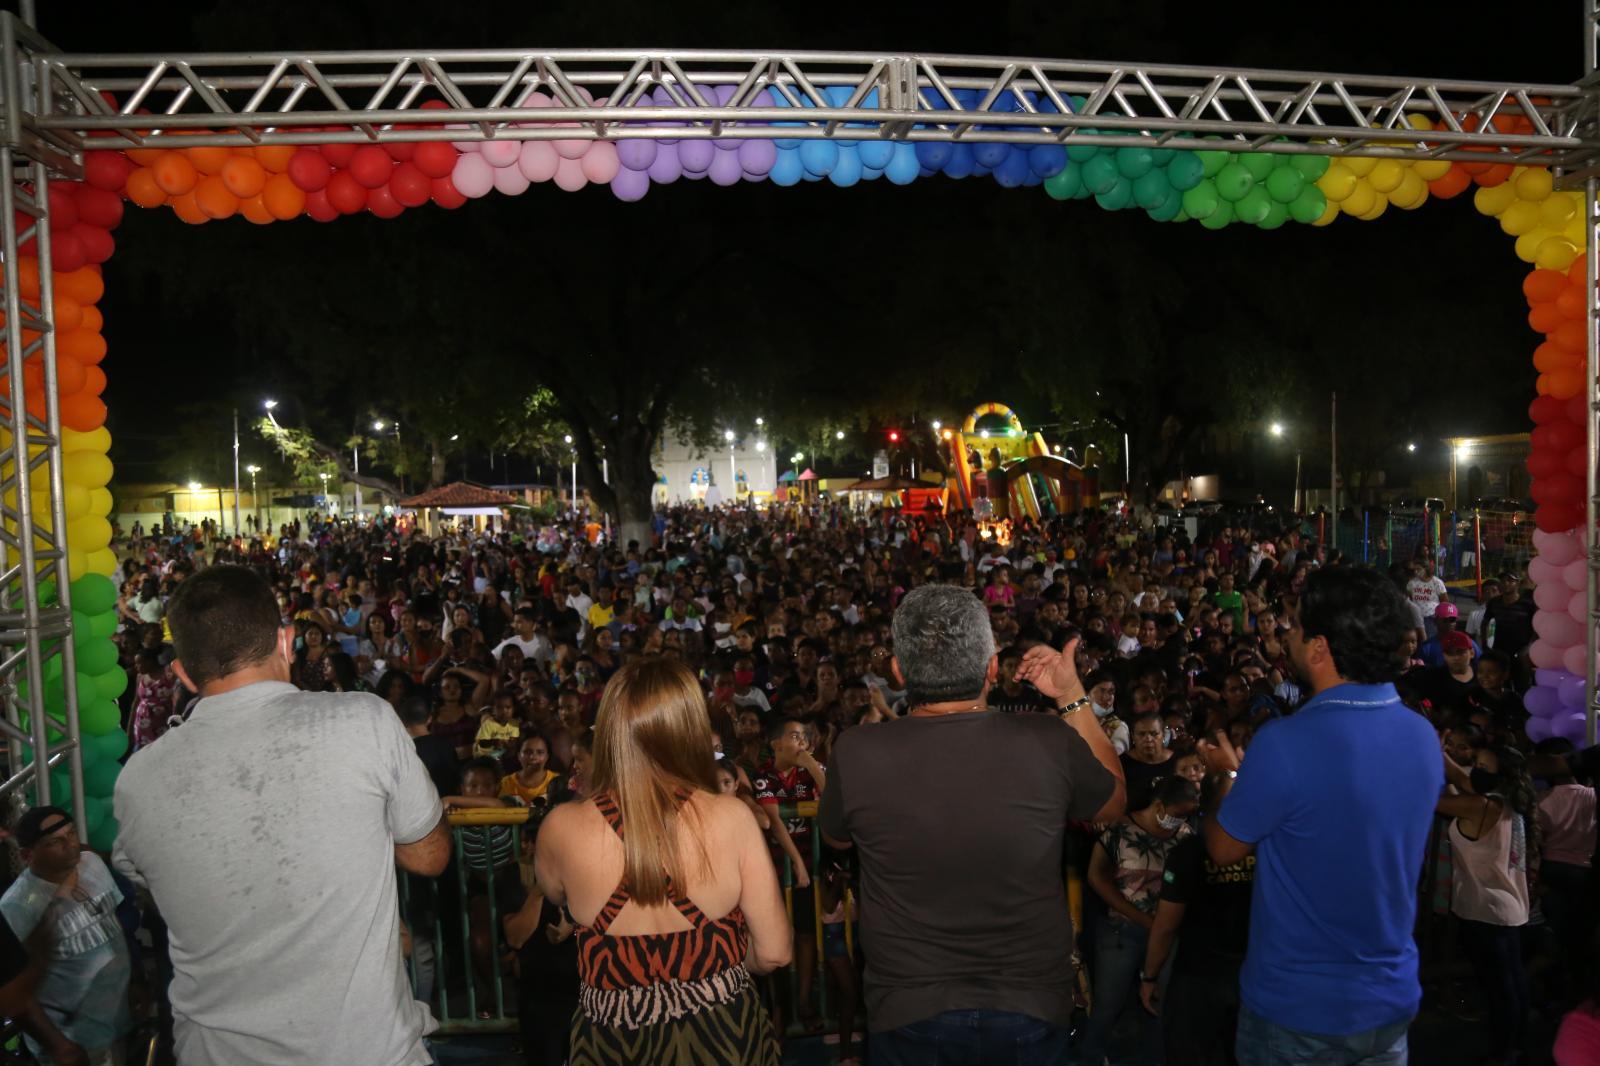 Prefeitura de Codó realiza festa em comemoração ao Dia das crianças